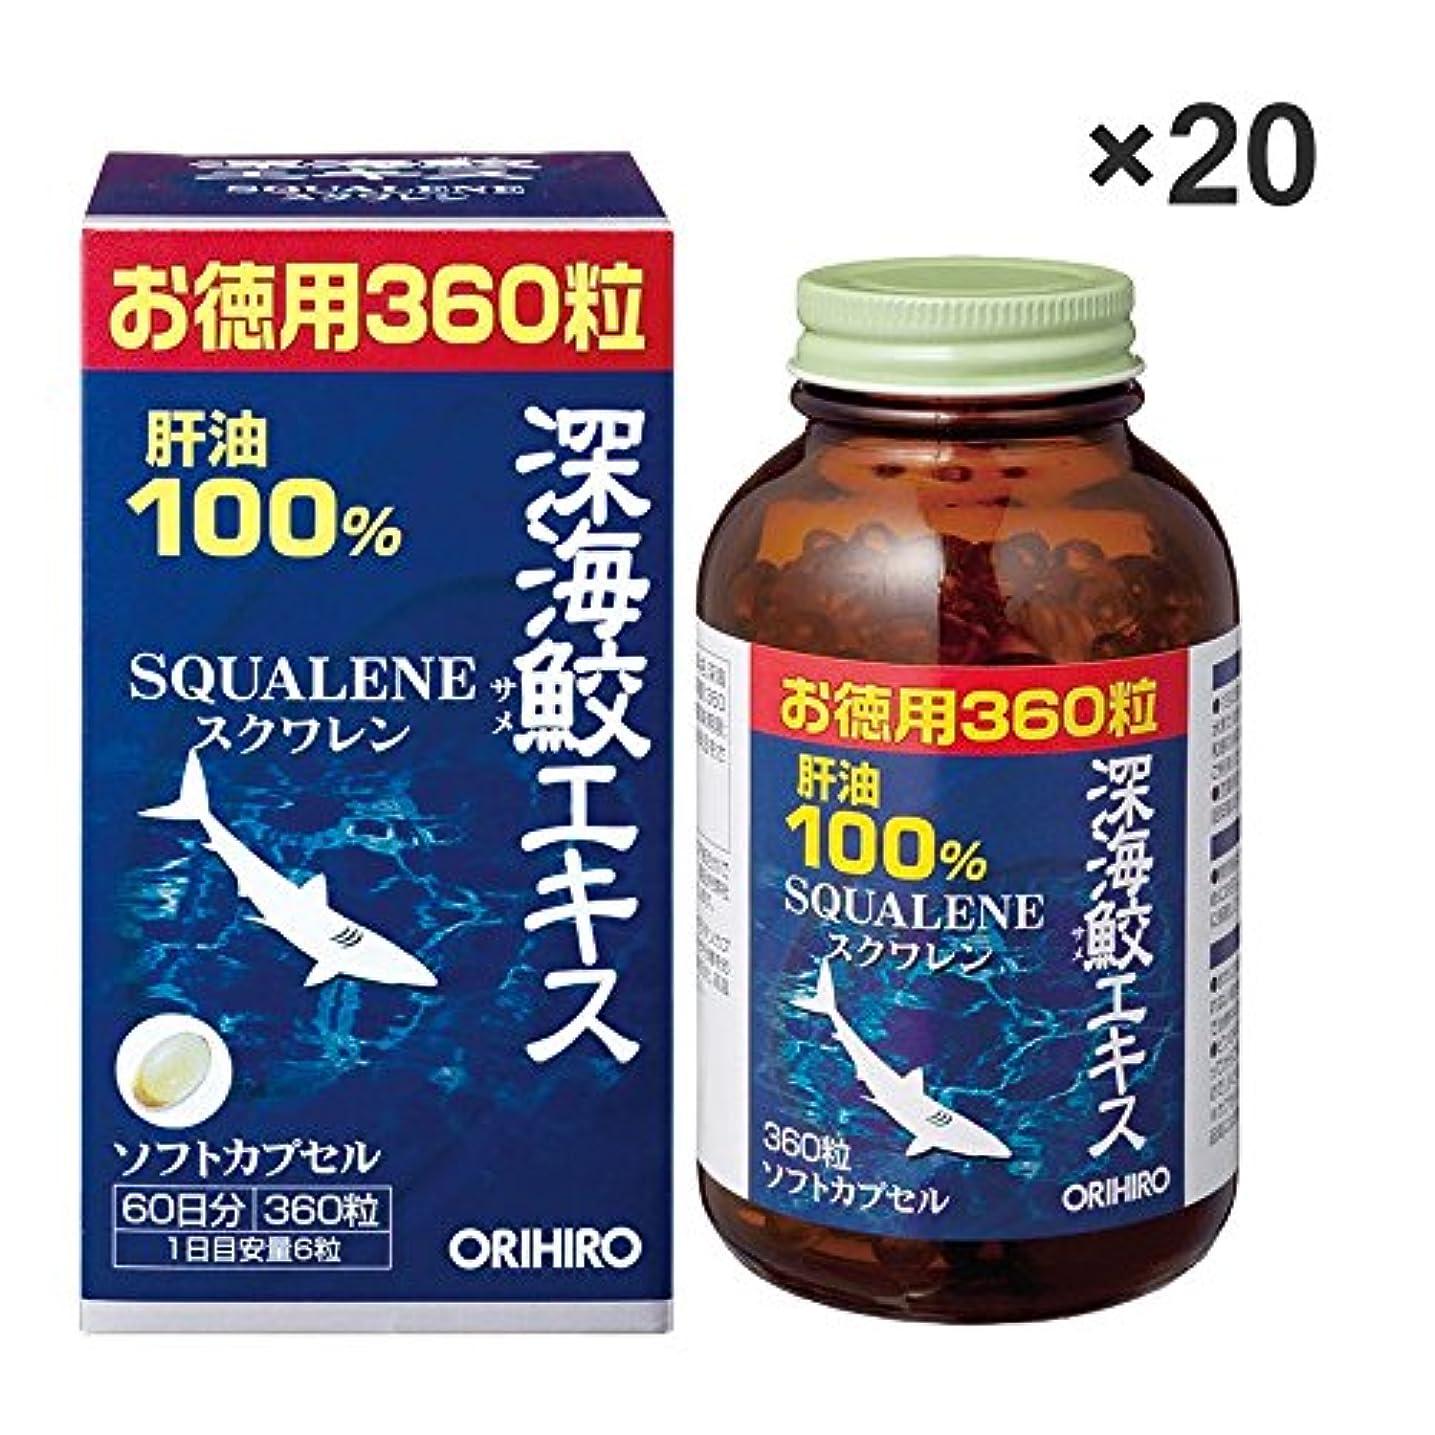 バット敵対的パリティ【20点セット】オリヒロ 深海鮫エキスカプセル徳用 360粒